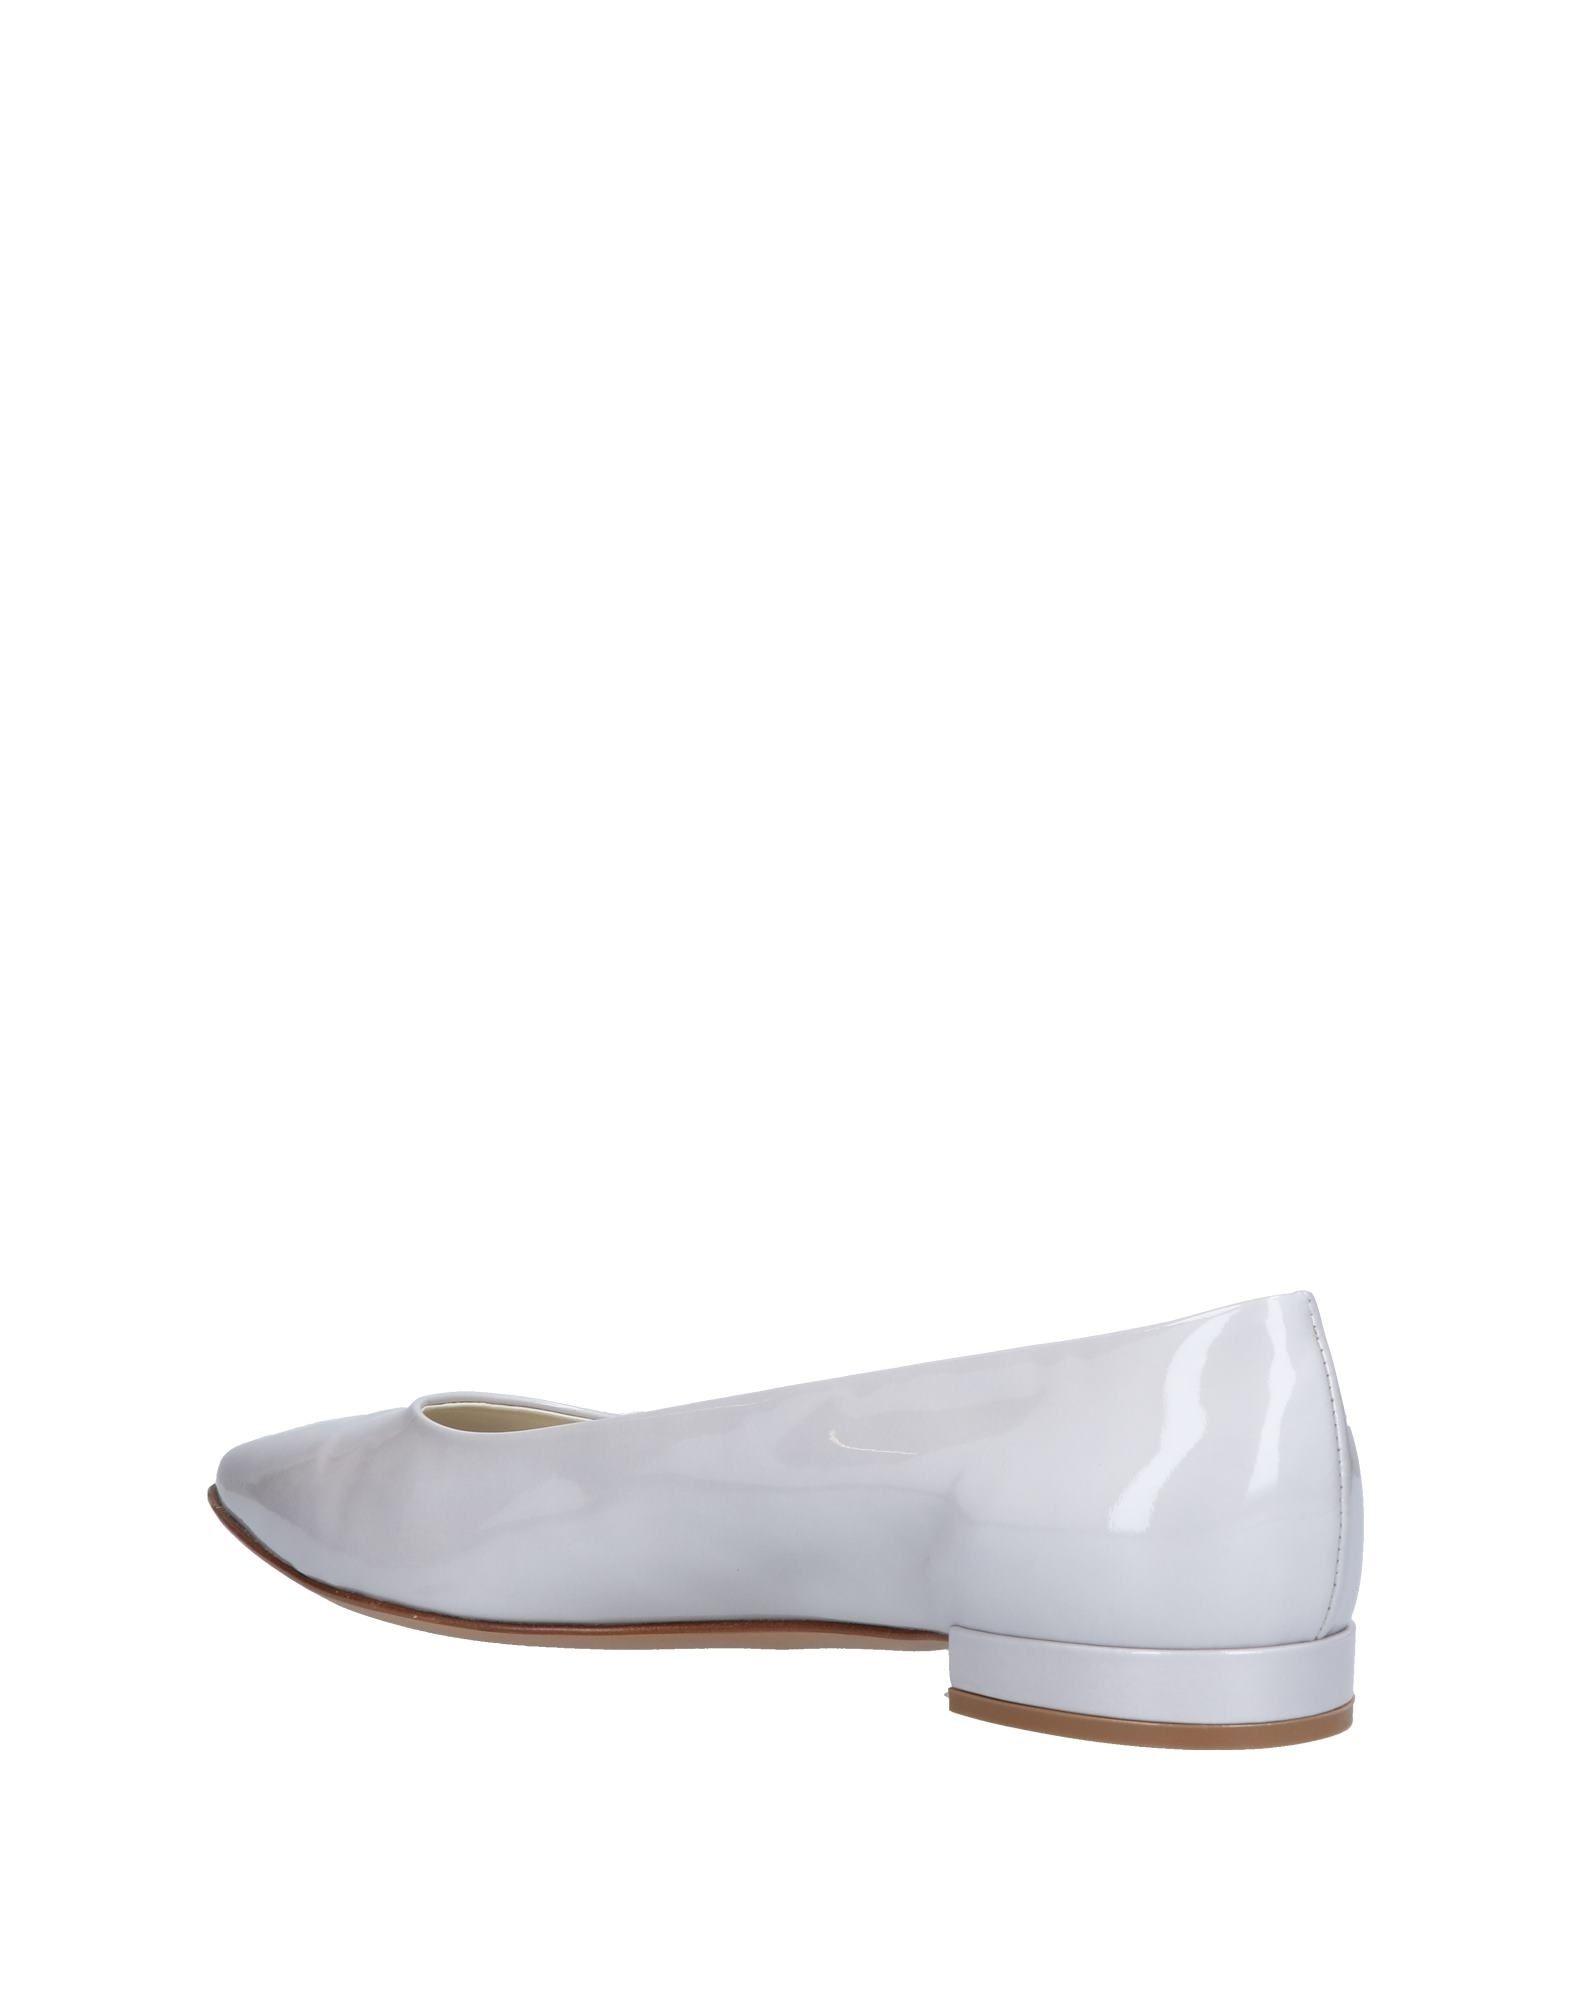 Gut Leombruni um billige Schuhe zu tragenAgl Attilio Giusti Leombruni Gut Ballerinas Damen  11030696XB 803416